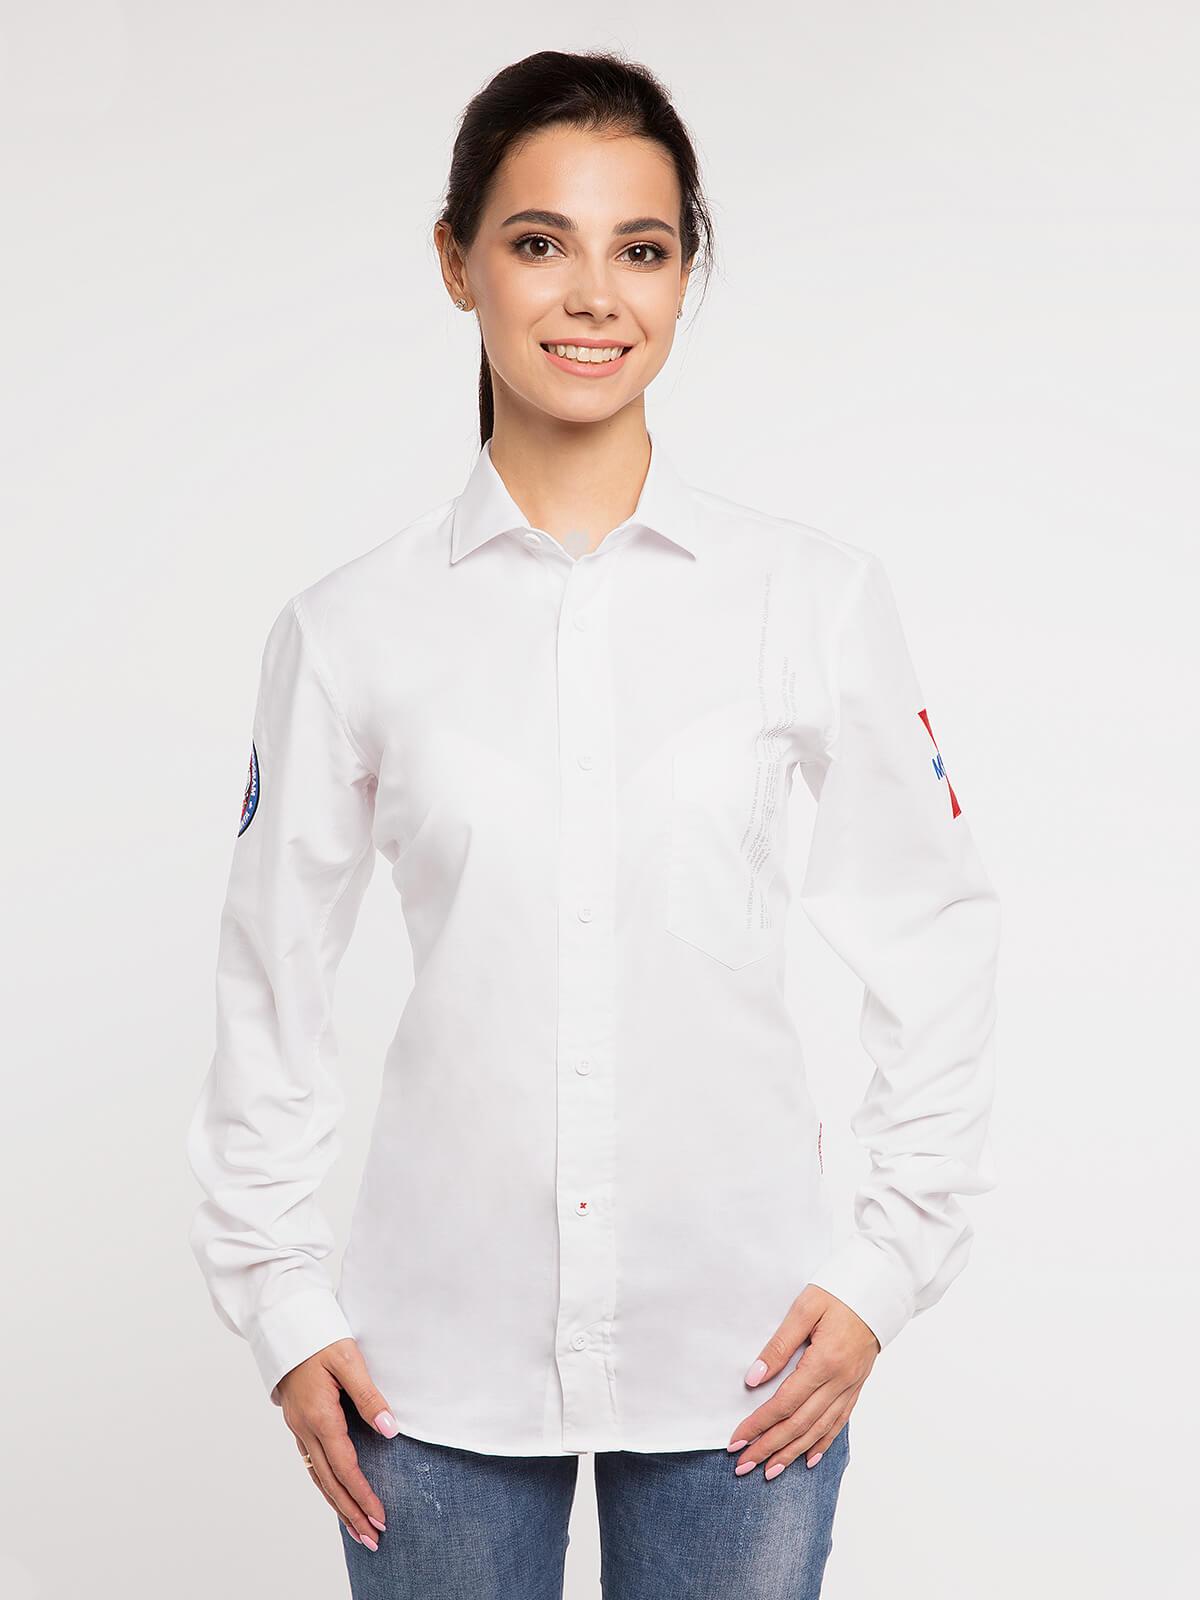 Жіноча Сорочка Molfar-X. Колір білий. Метеріал: 100% бавовна.